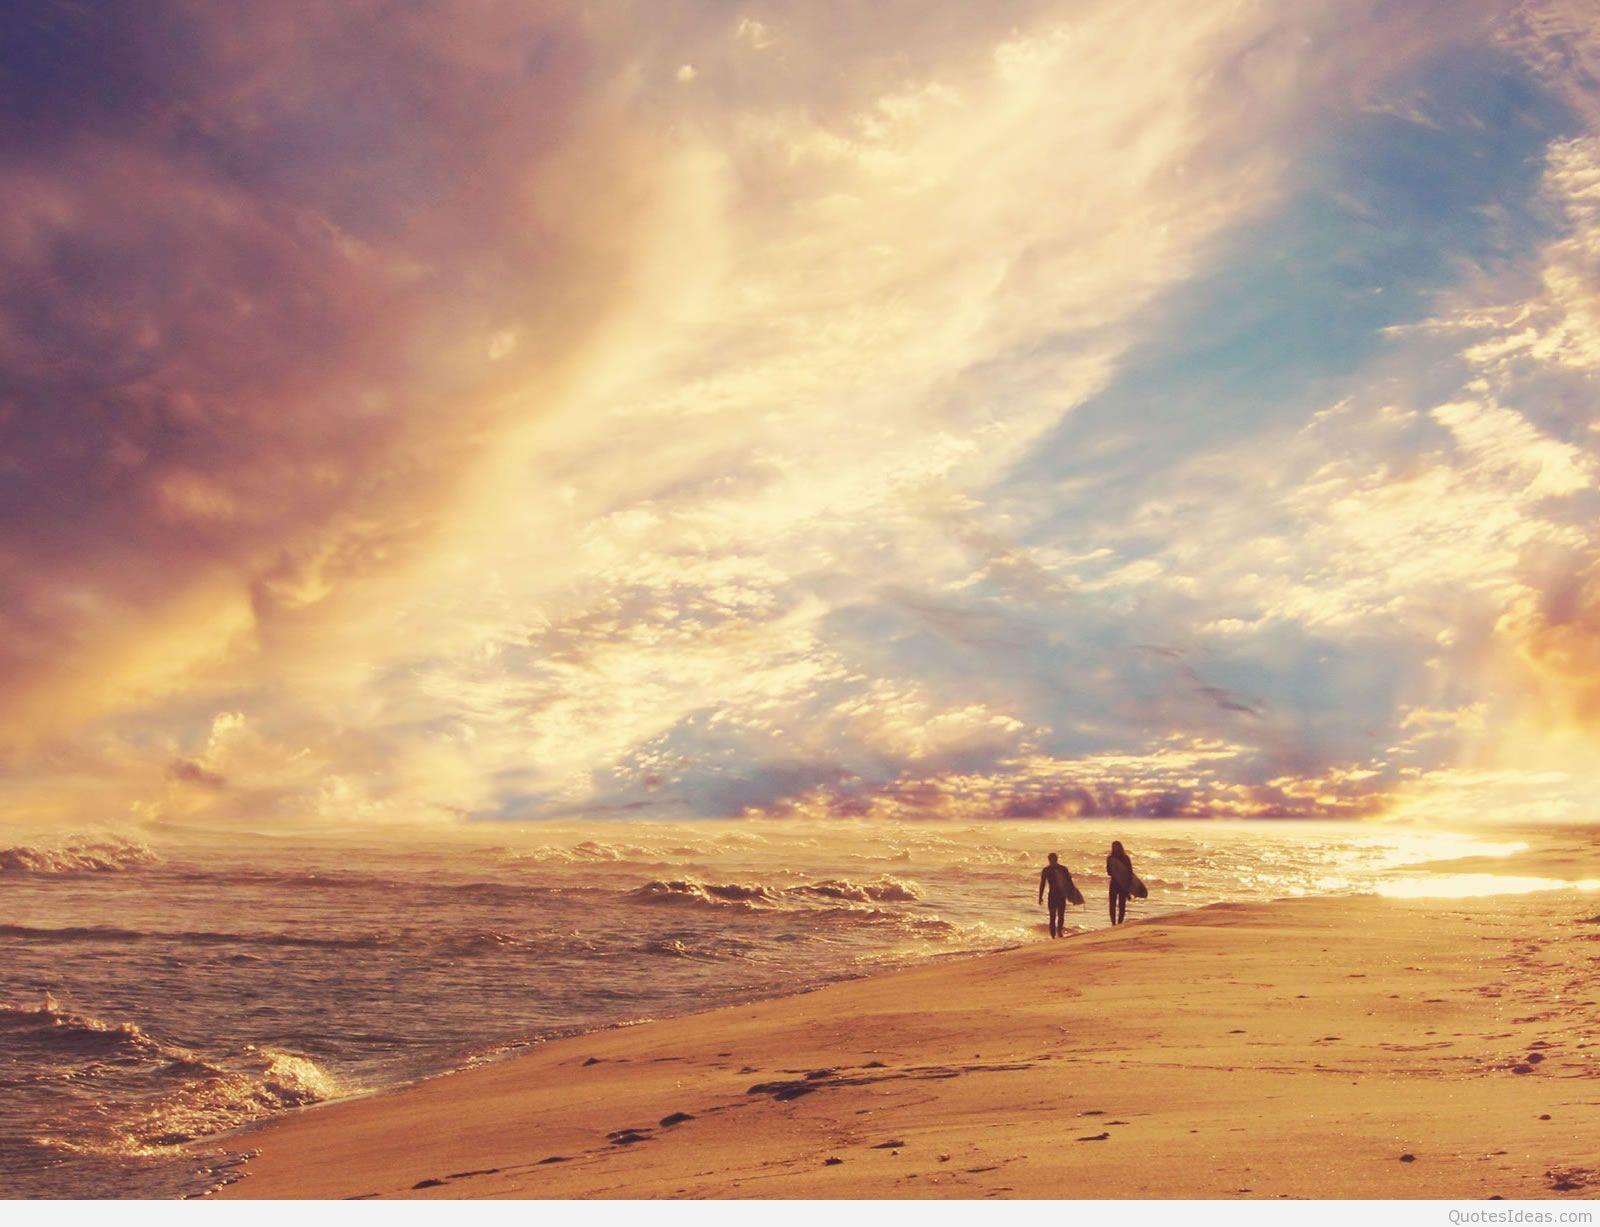 beach for wallpaper 3x6summer - photo #17